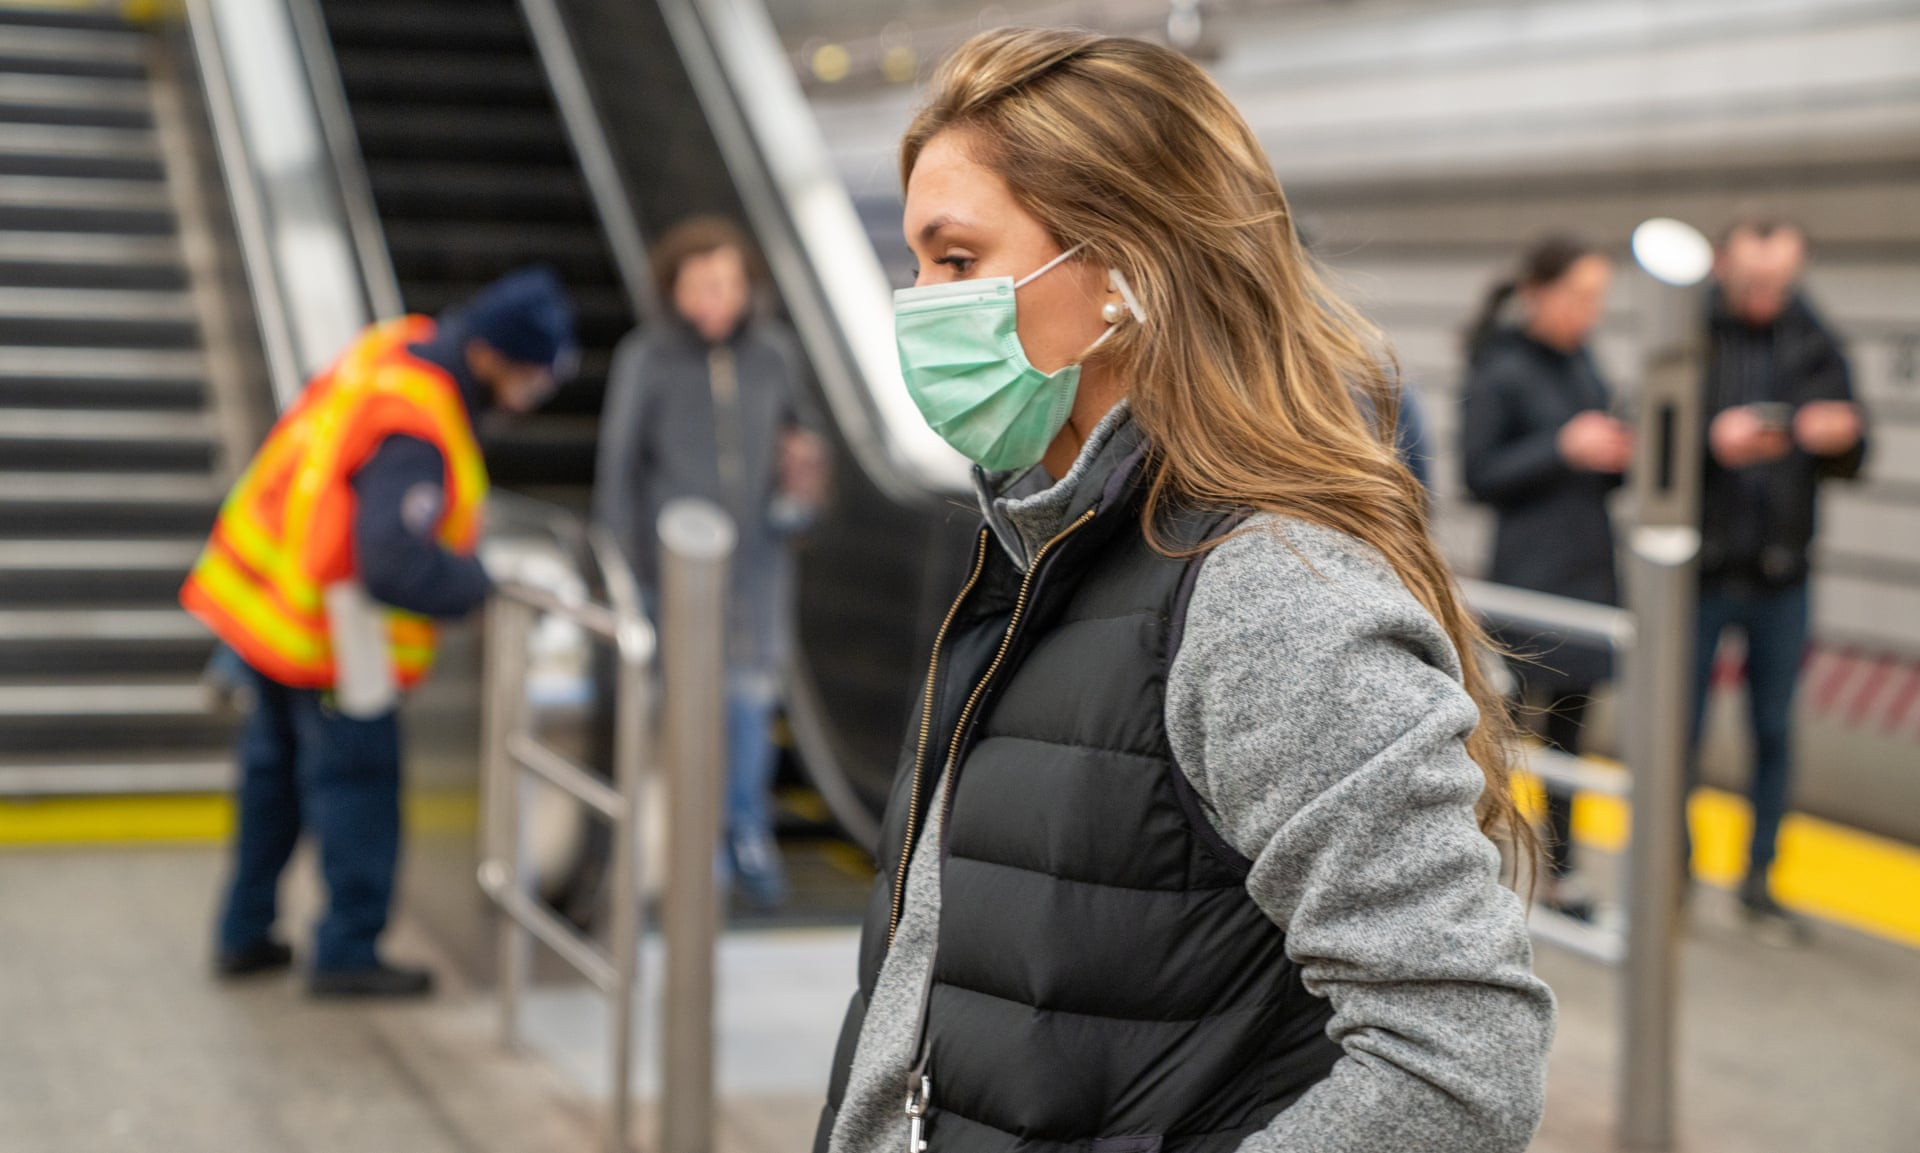 آنچه تاکنون درباره کرونا میدانیم؛ از تفاوت با سرماخوردگی و آنفلوانزا تا مدت زمان زندهماندن ویروس